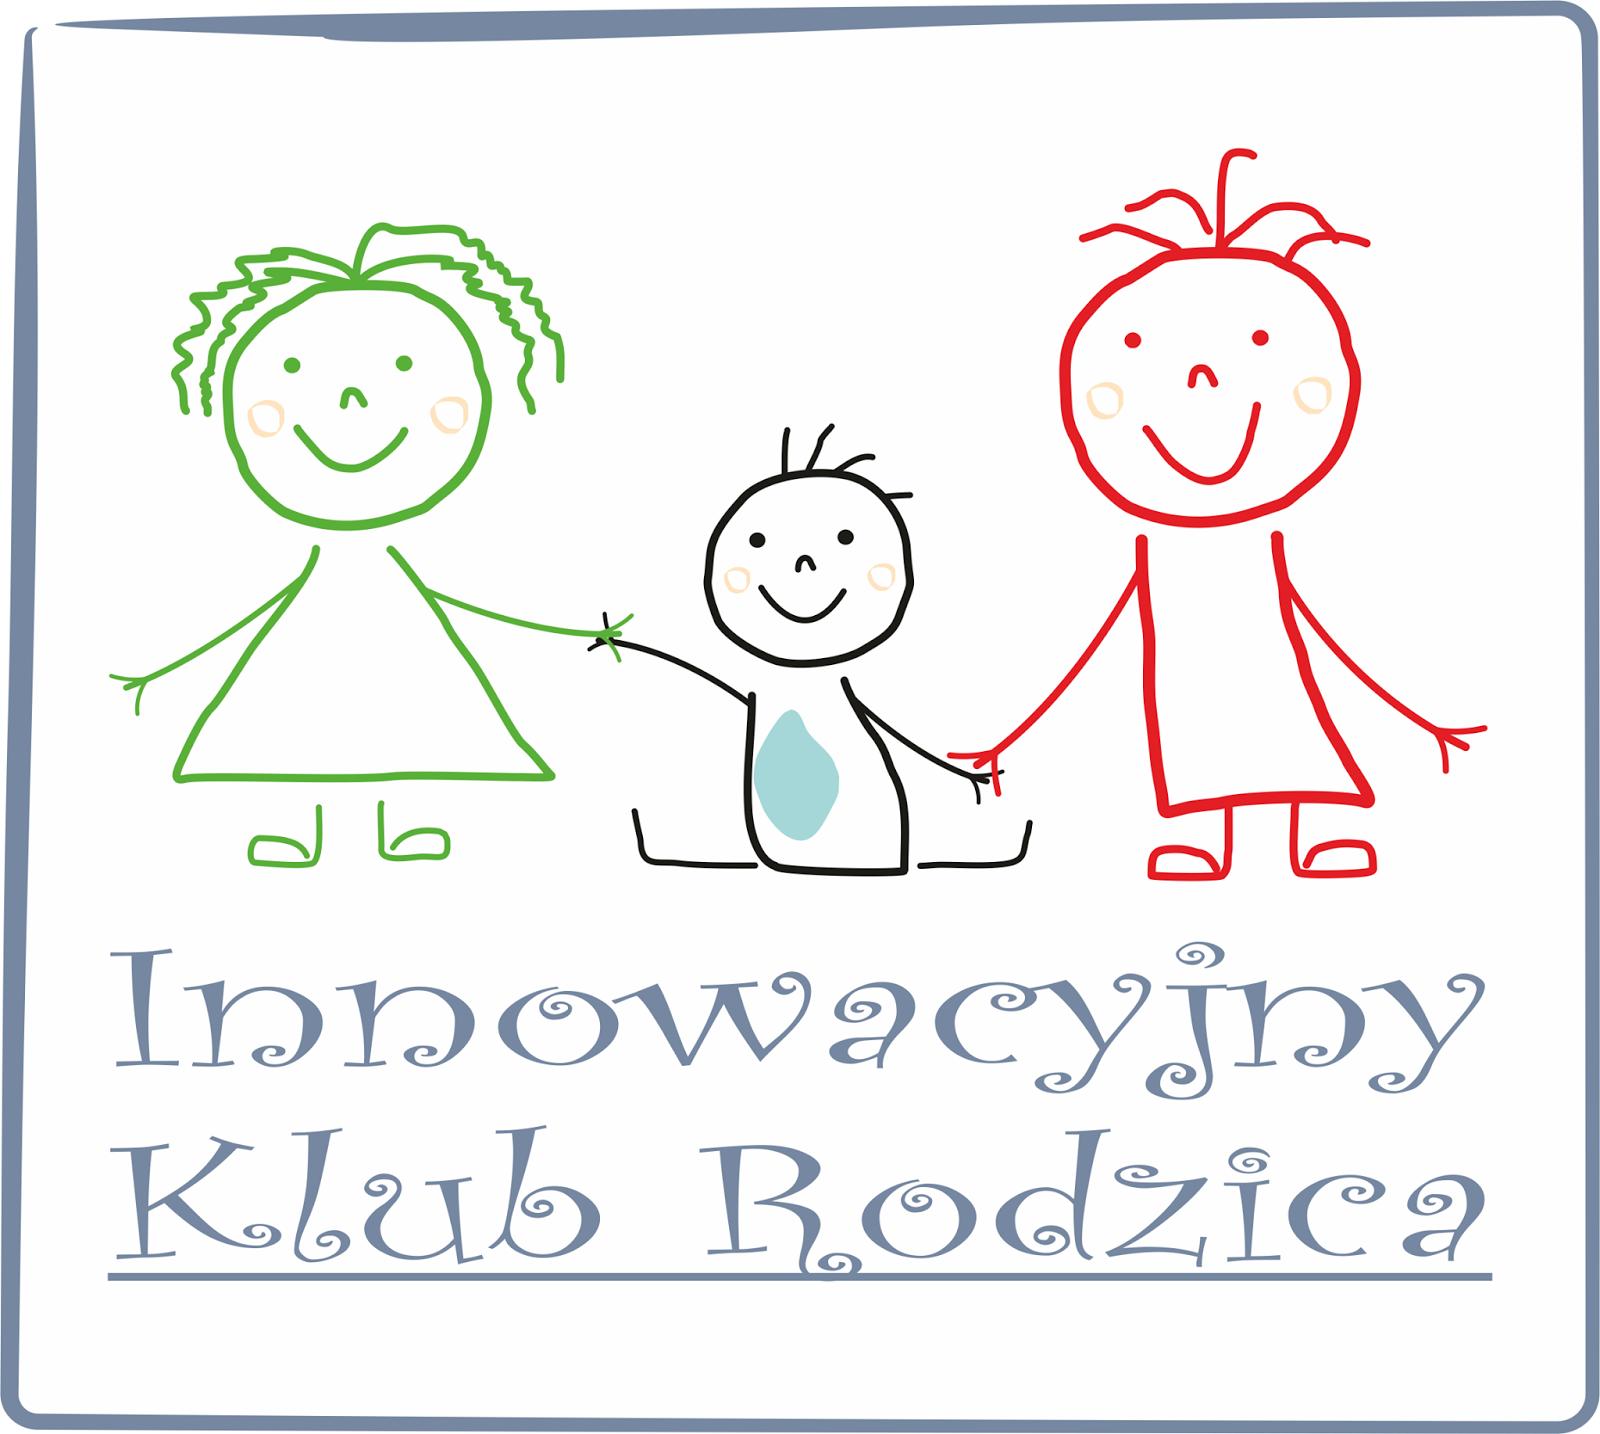 Fundacja Innowacyjny Klub Rodzica